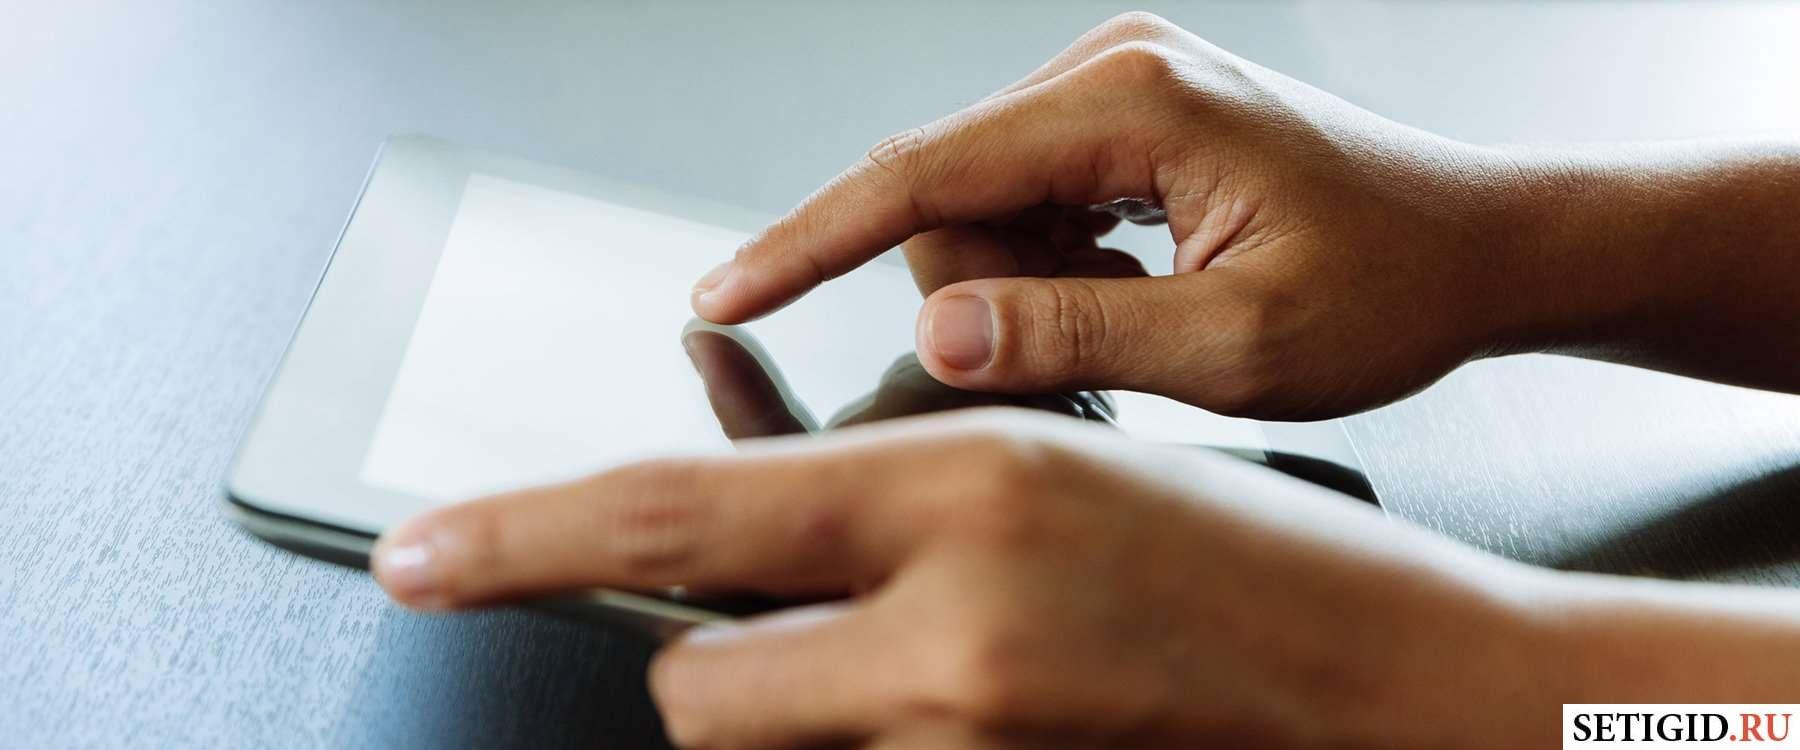 Девушка держит в руках iPad